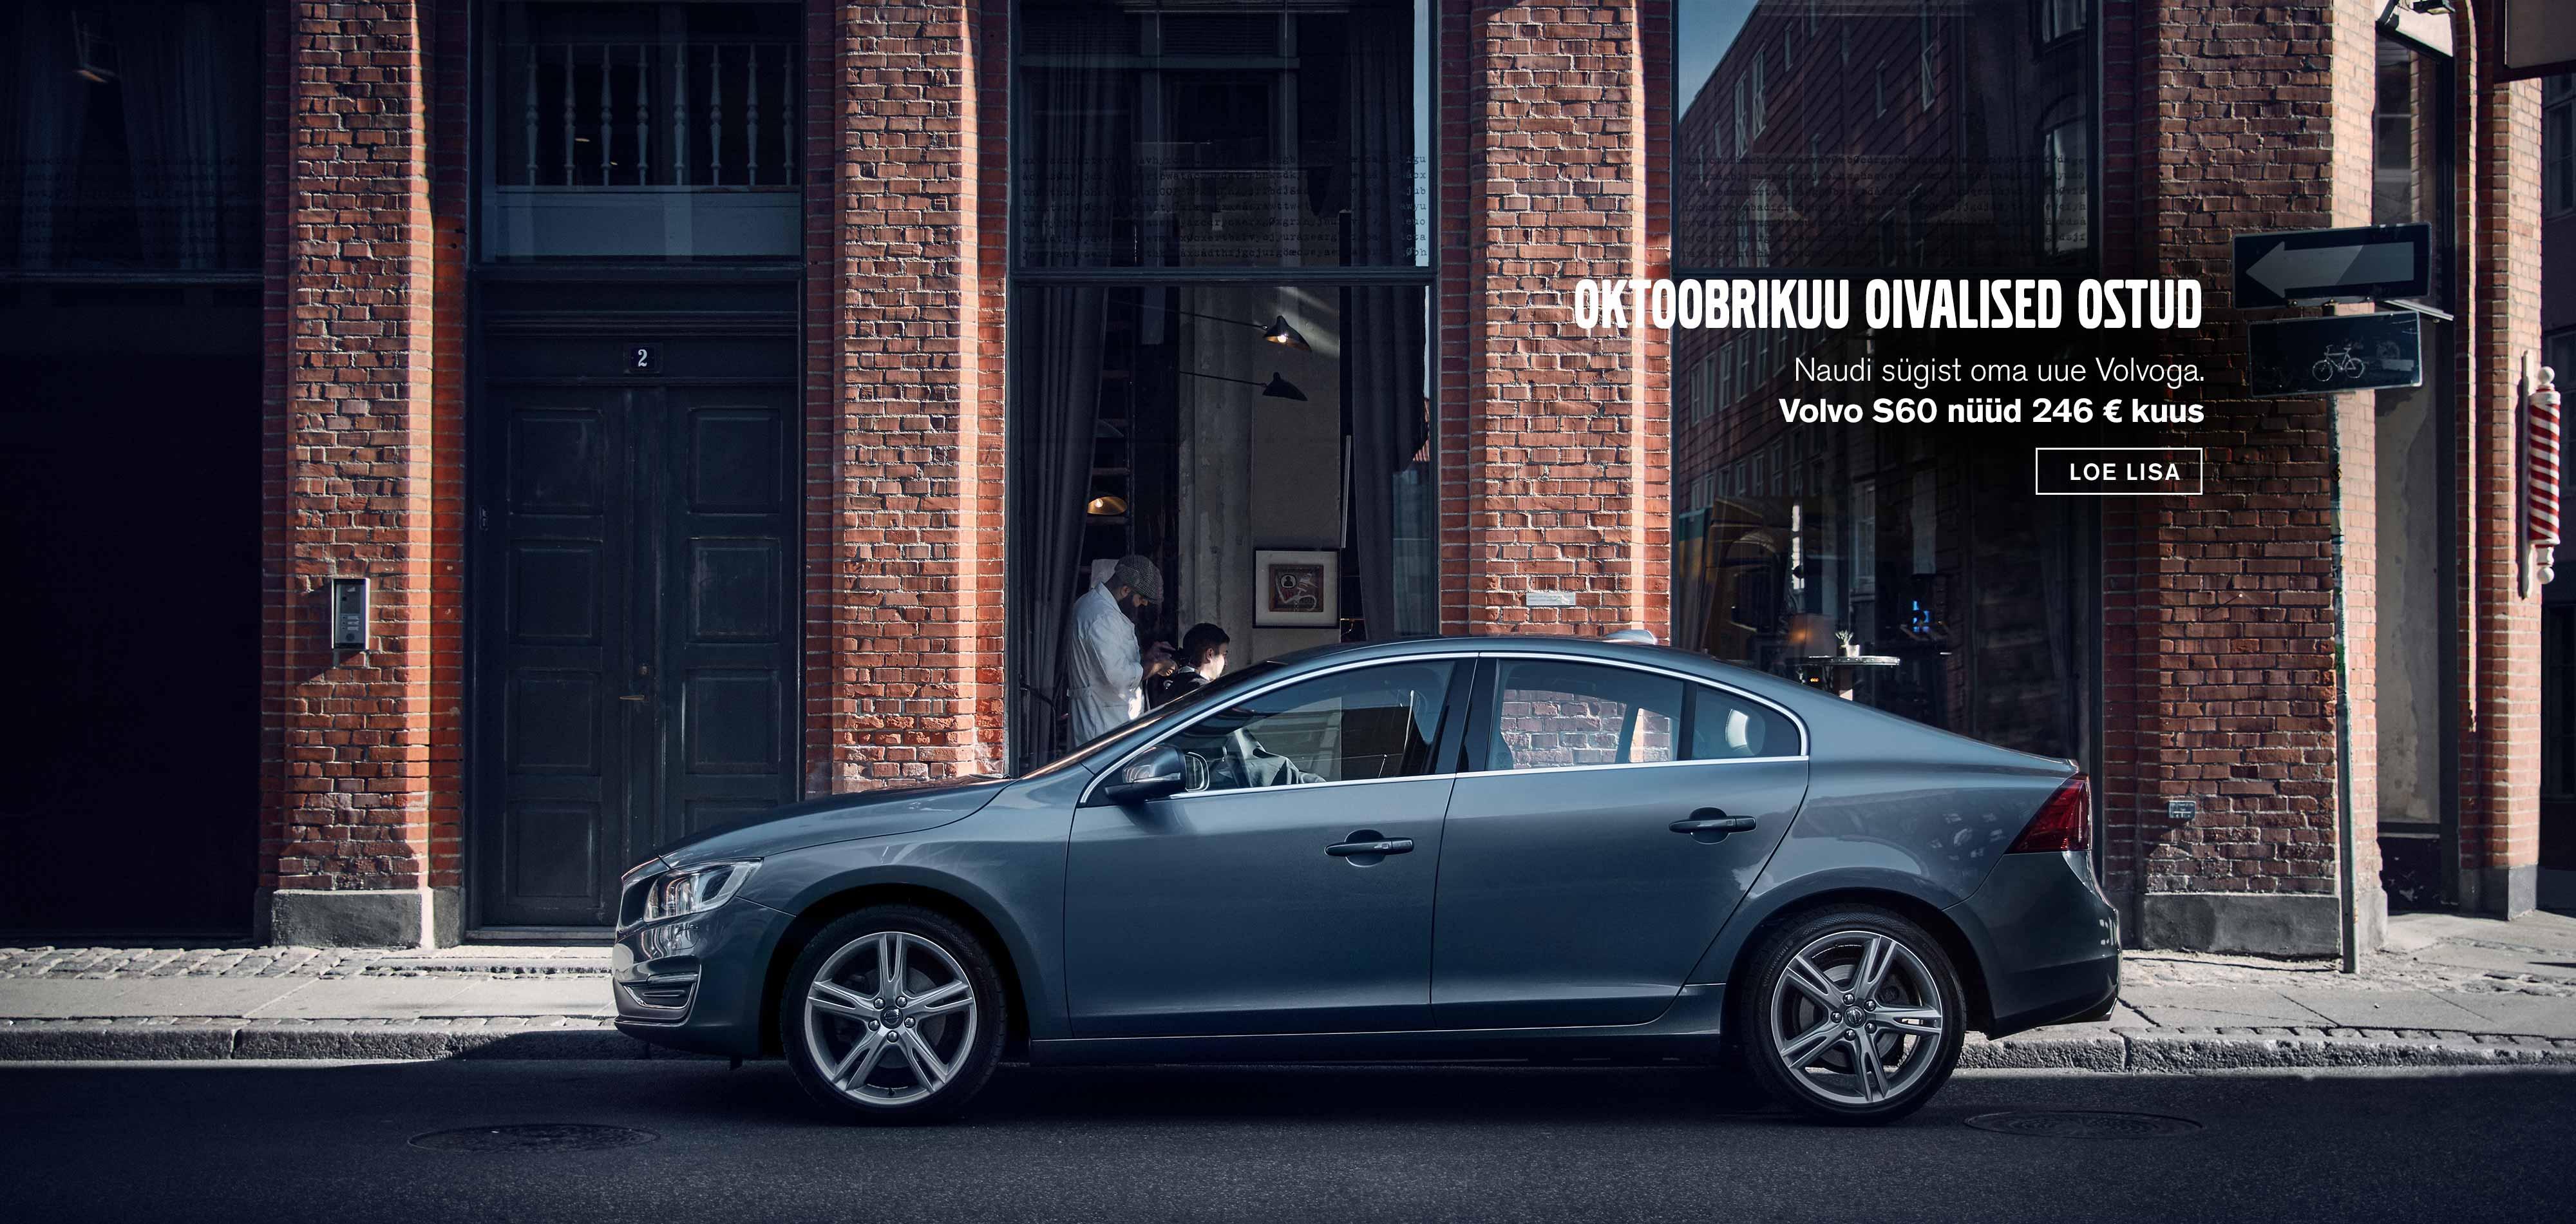 Volvo S60 oktoobrikuu sooduspakkumised